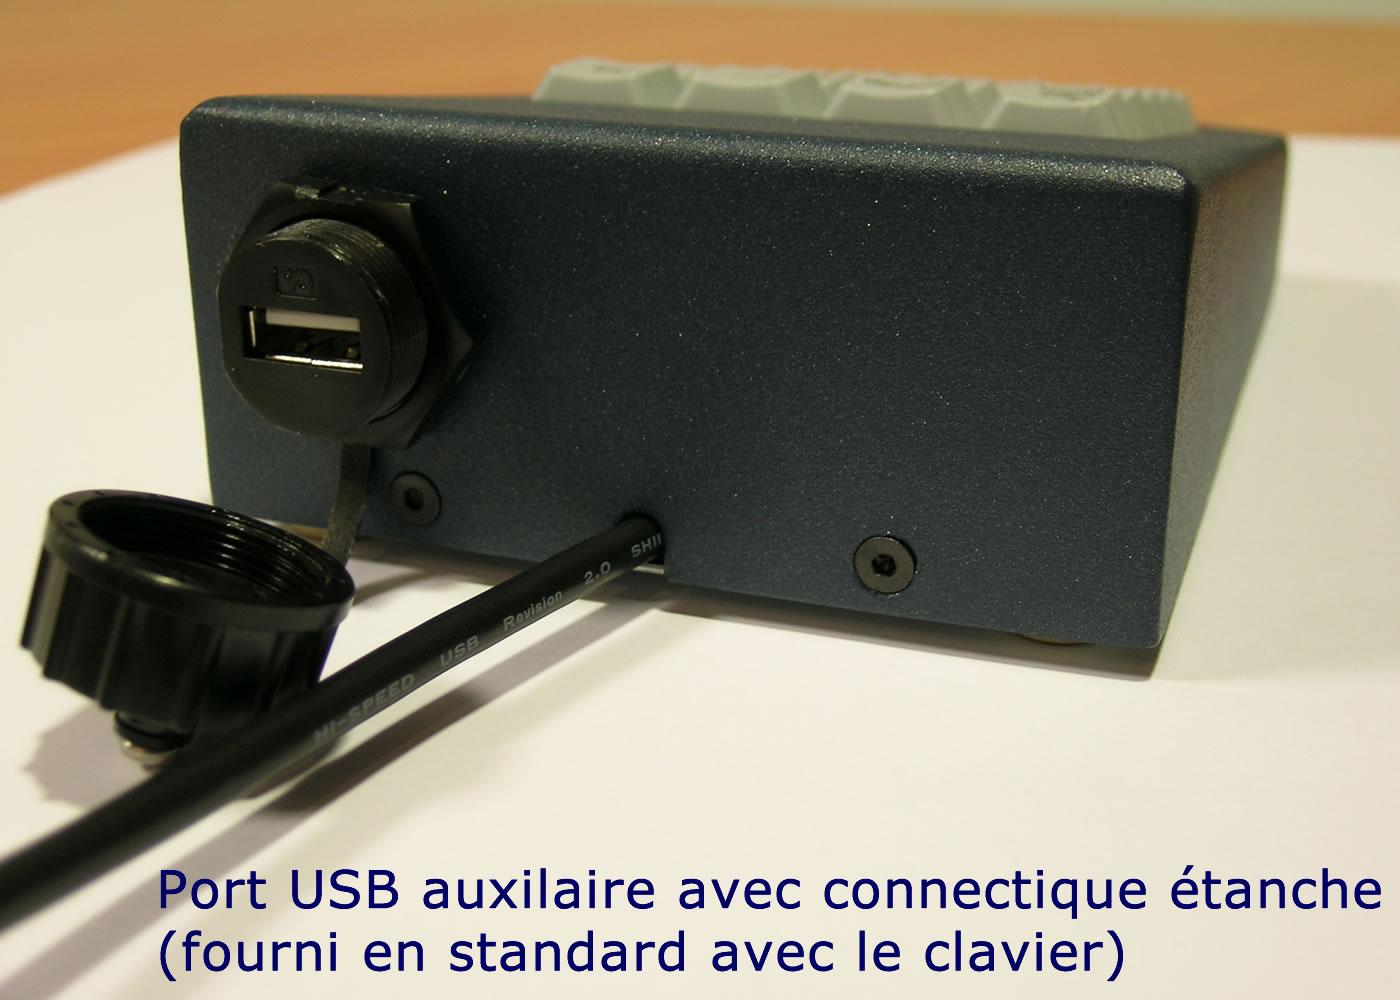 Clavier industriel 17 touches en boitier de table avec hub USB intégré – Port USB auxiliaire